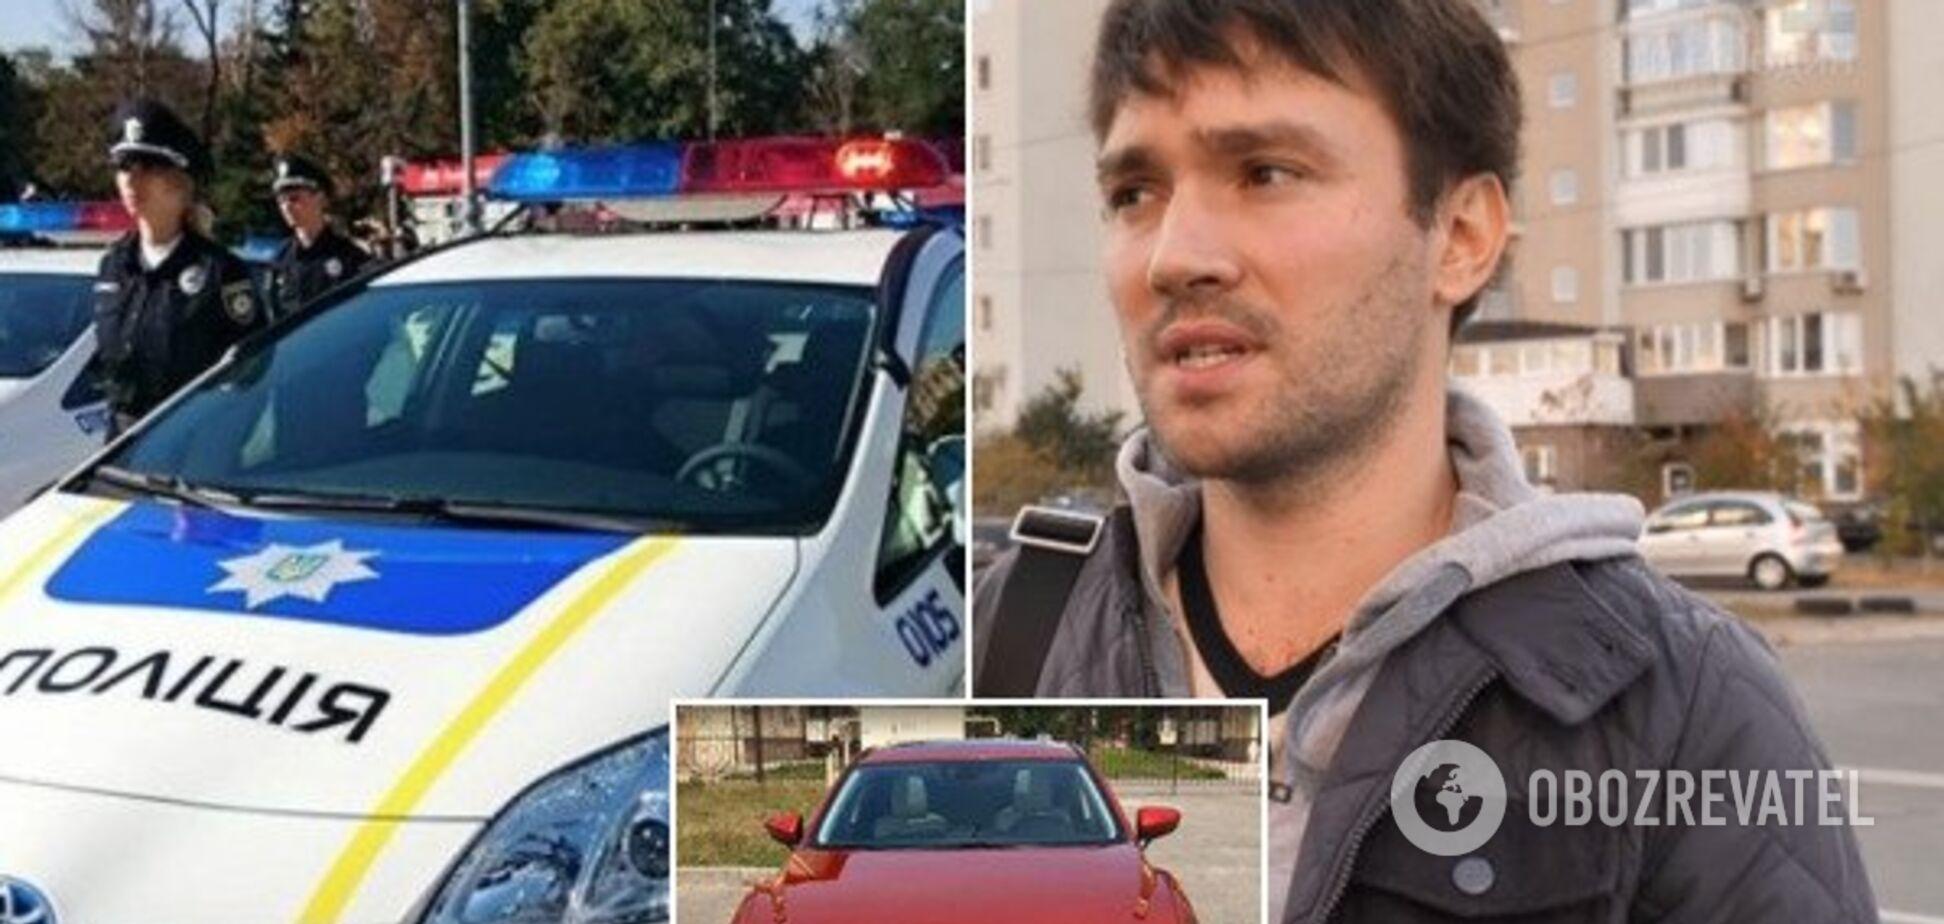 Ездили на работу: как киевлянин нашел свое украденное авто у полицейских